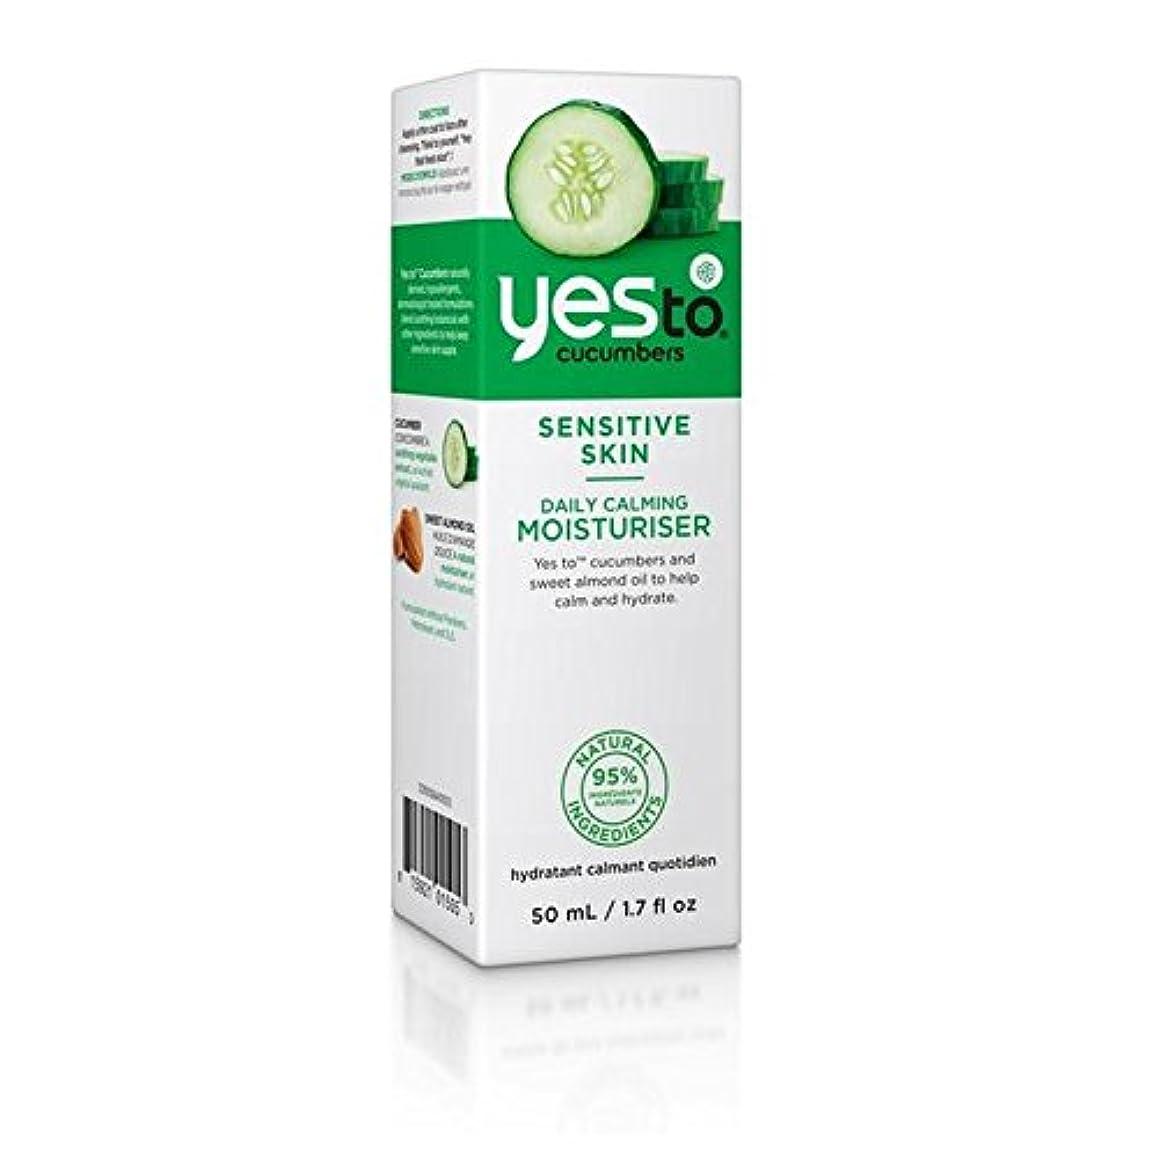 バックグラウンドちらつきビタミンはいキュウリ保湿50ミリリットルへ x4 - Yes to Cucumbers Moisturiser 50ml (Pack of 4) [並行輸入品]